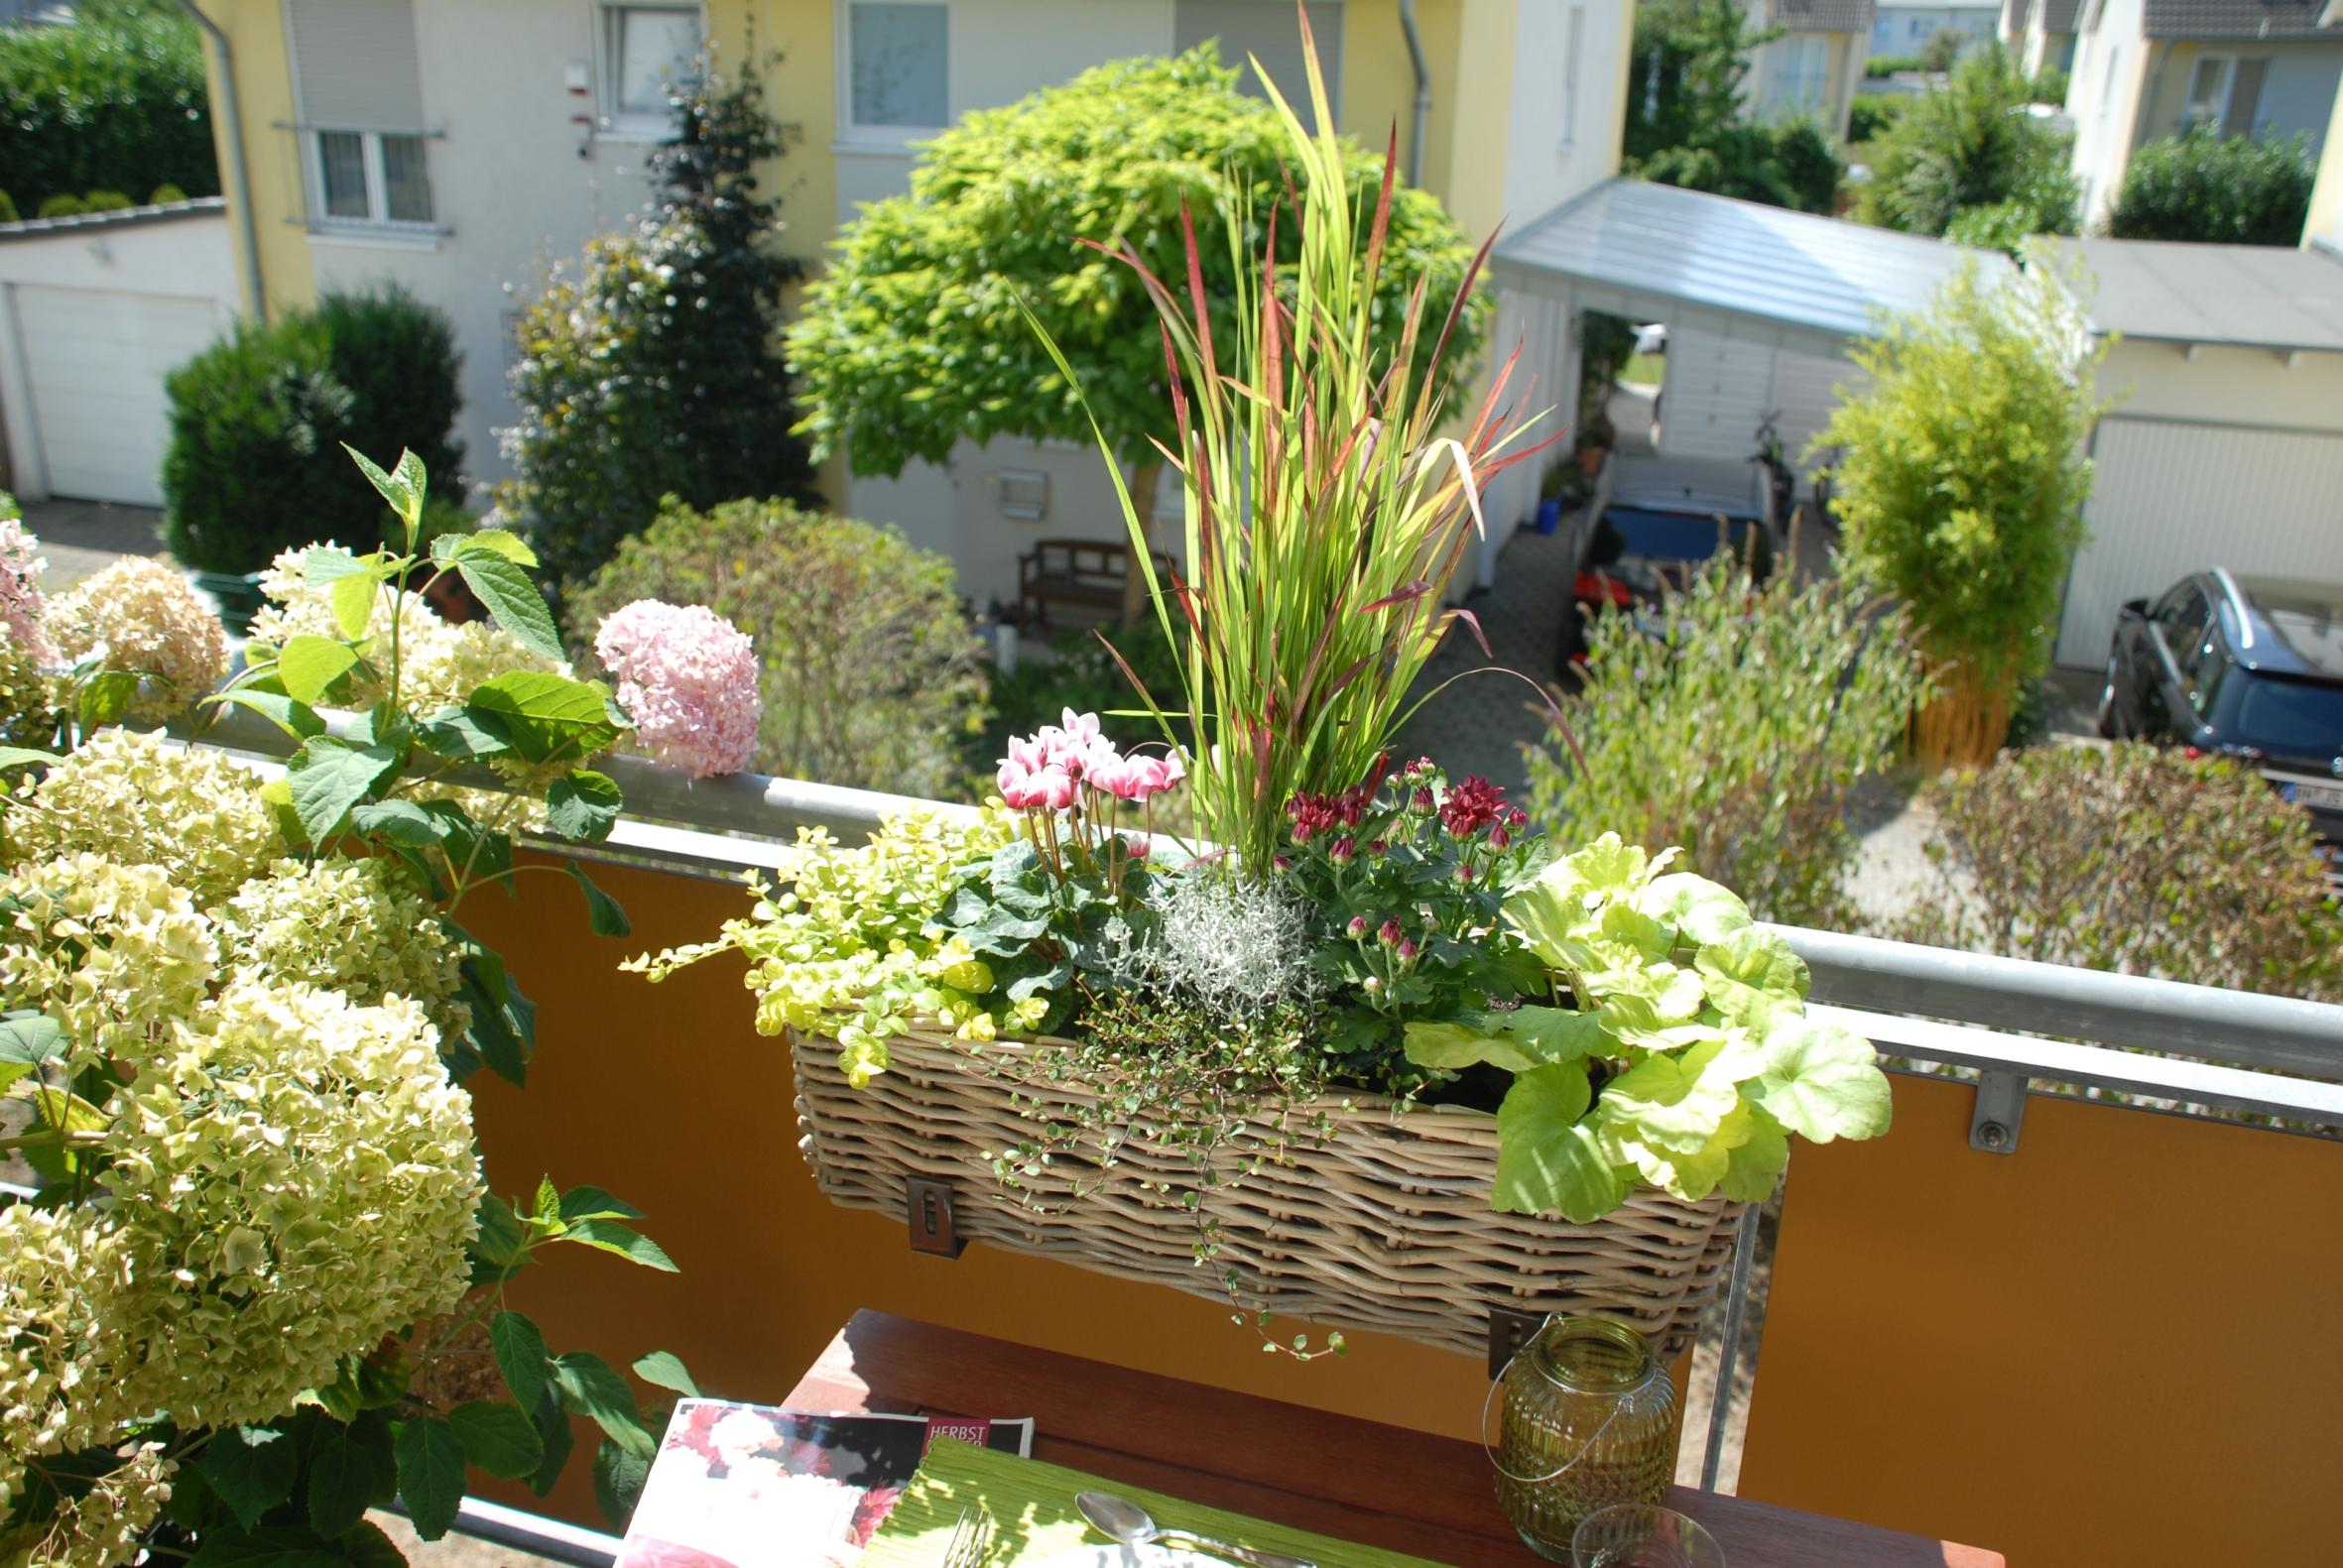 Den Ausblick genießen: Herbstliche Pflanzen-Dekos schmücken selbst den kleinsten Balkon